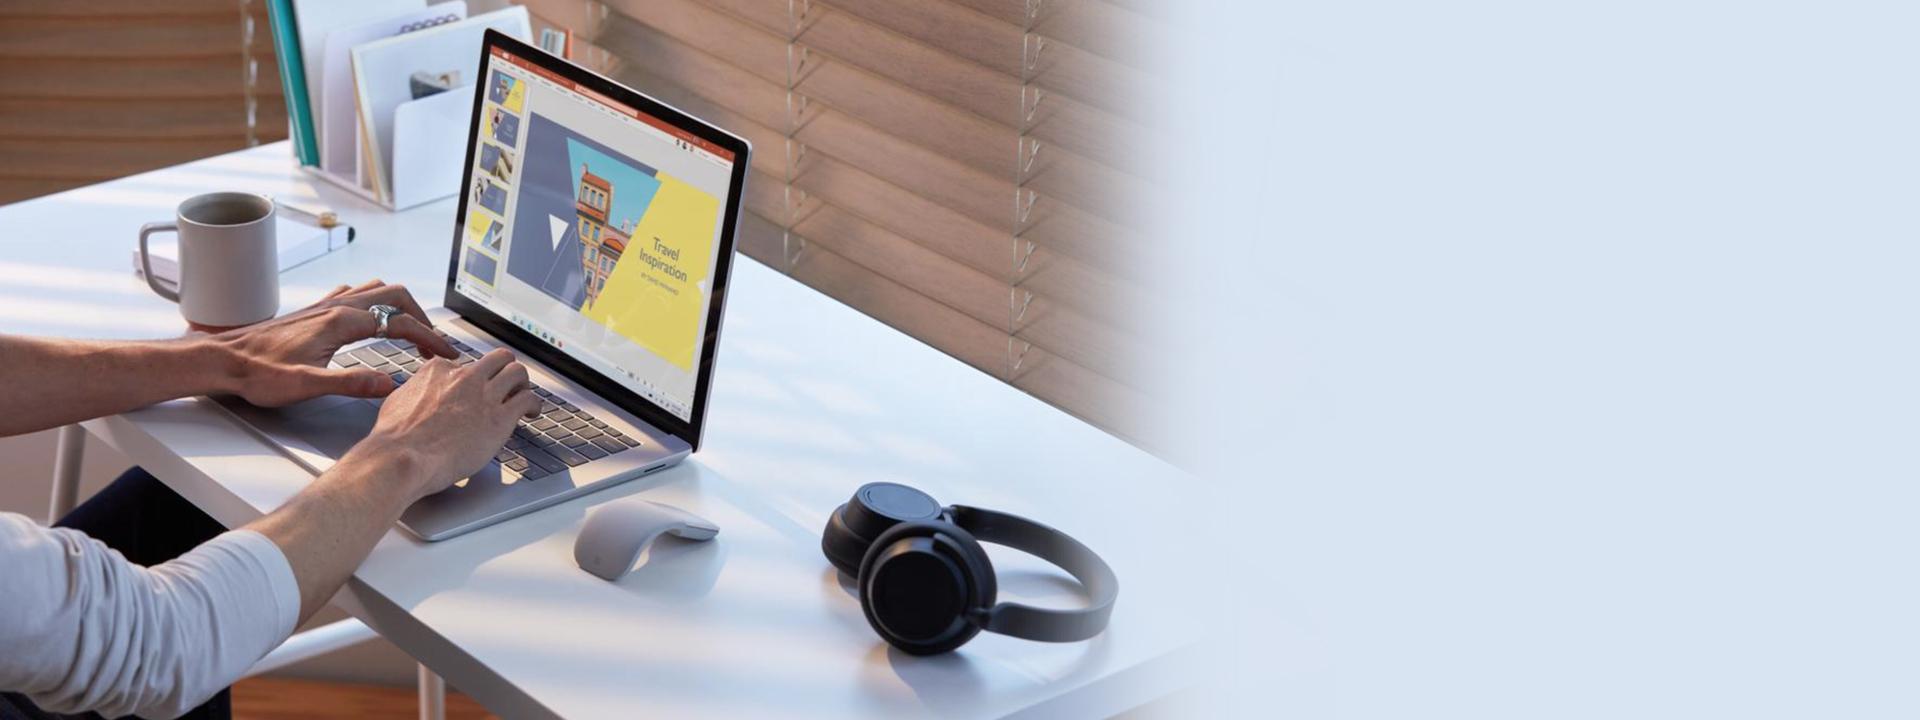 Surface Laptop 3 och Surface Headphones på ett bord